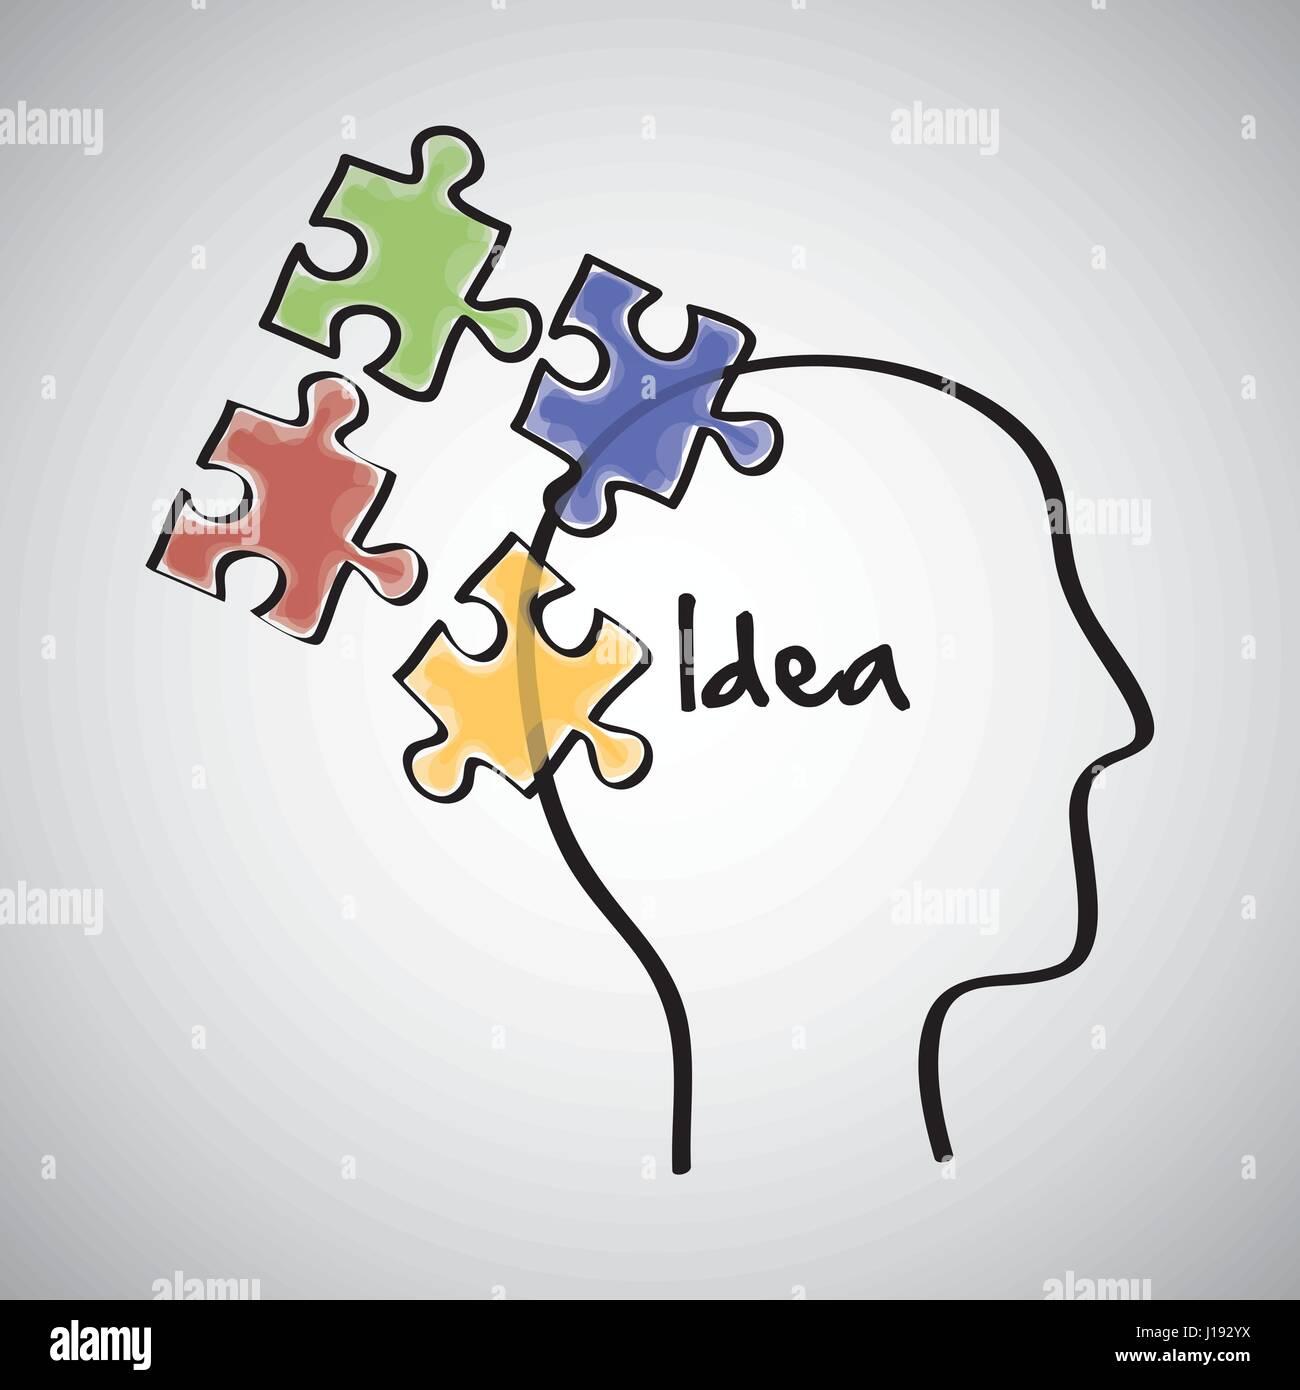 Idea Design. Disegna icona. Sfondo bianco , vettore Illustrazione Vettoriale